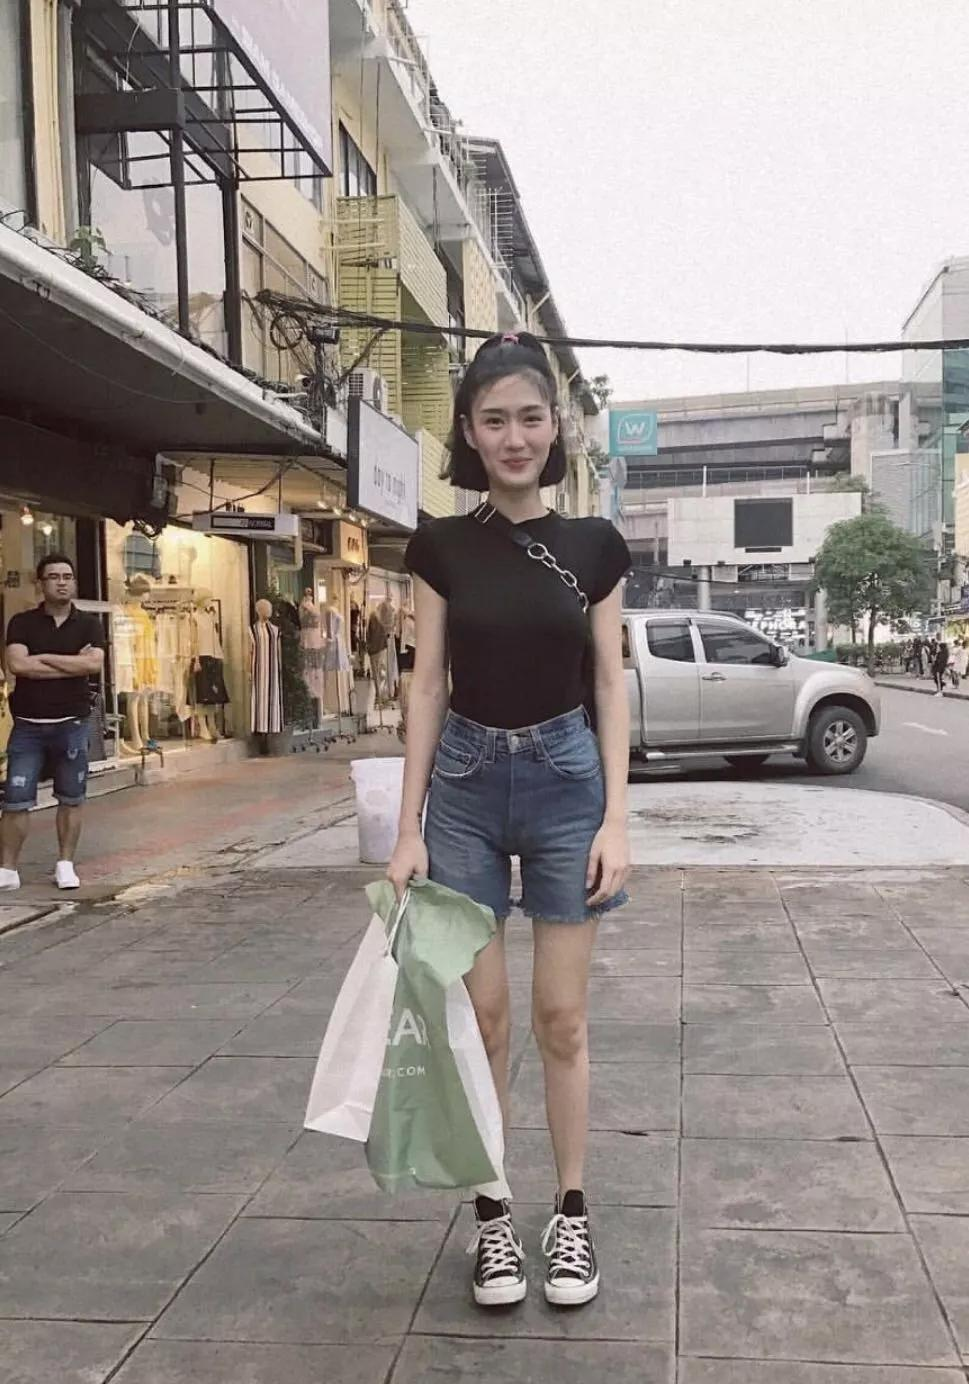 微胖女生夏天该怎么穿?除了T恤+阔腿裤,这样穿显高显瘦又好看!